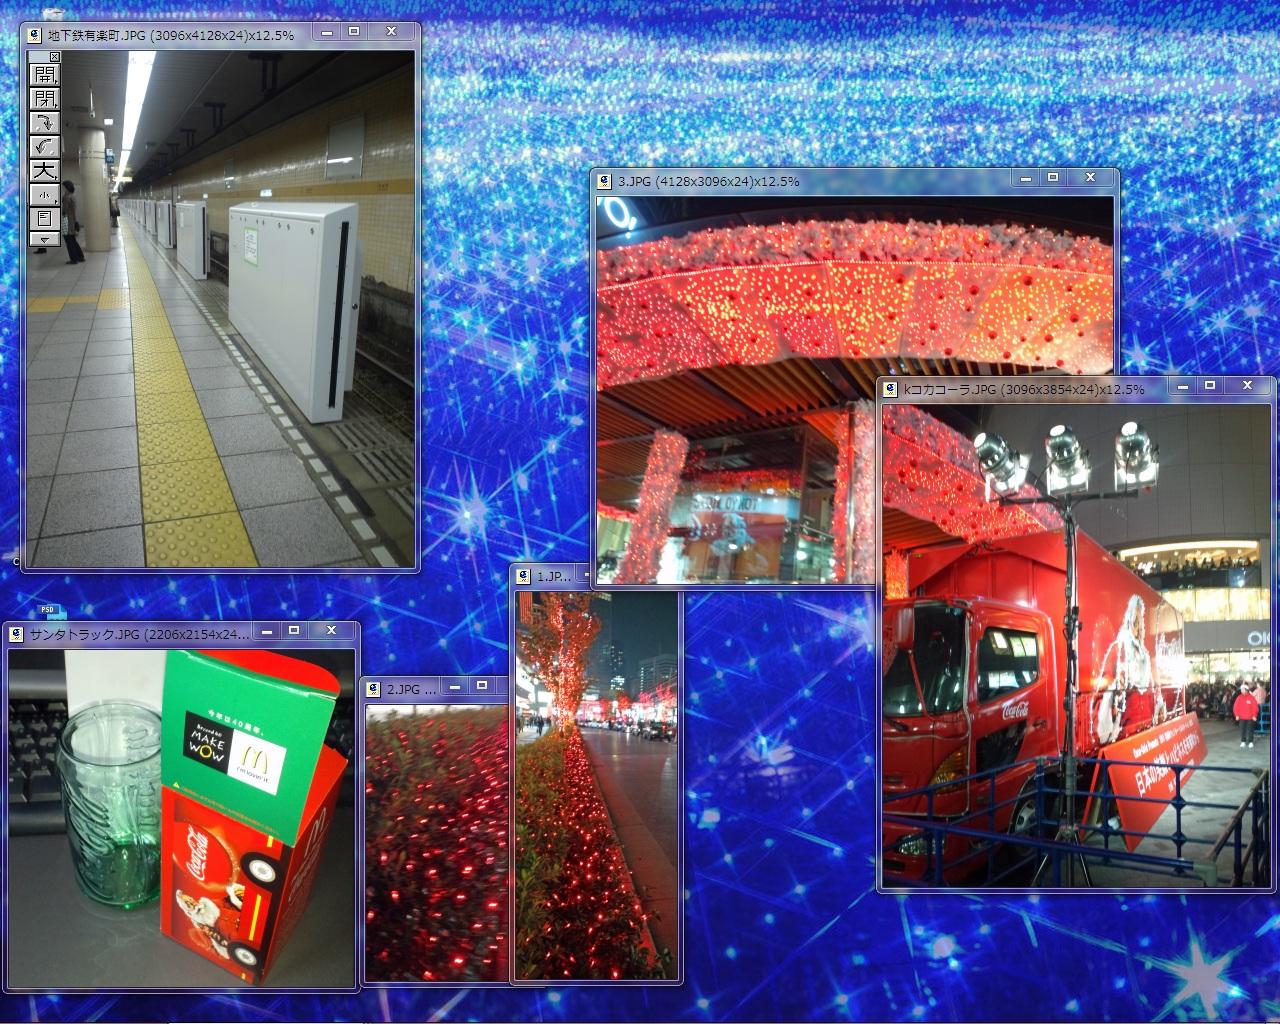 有楽町:赤いクリスマスイルミネーション、ブラタモリ地下鉄